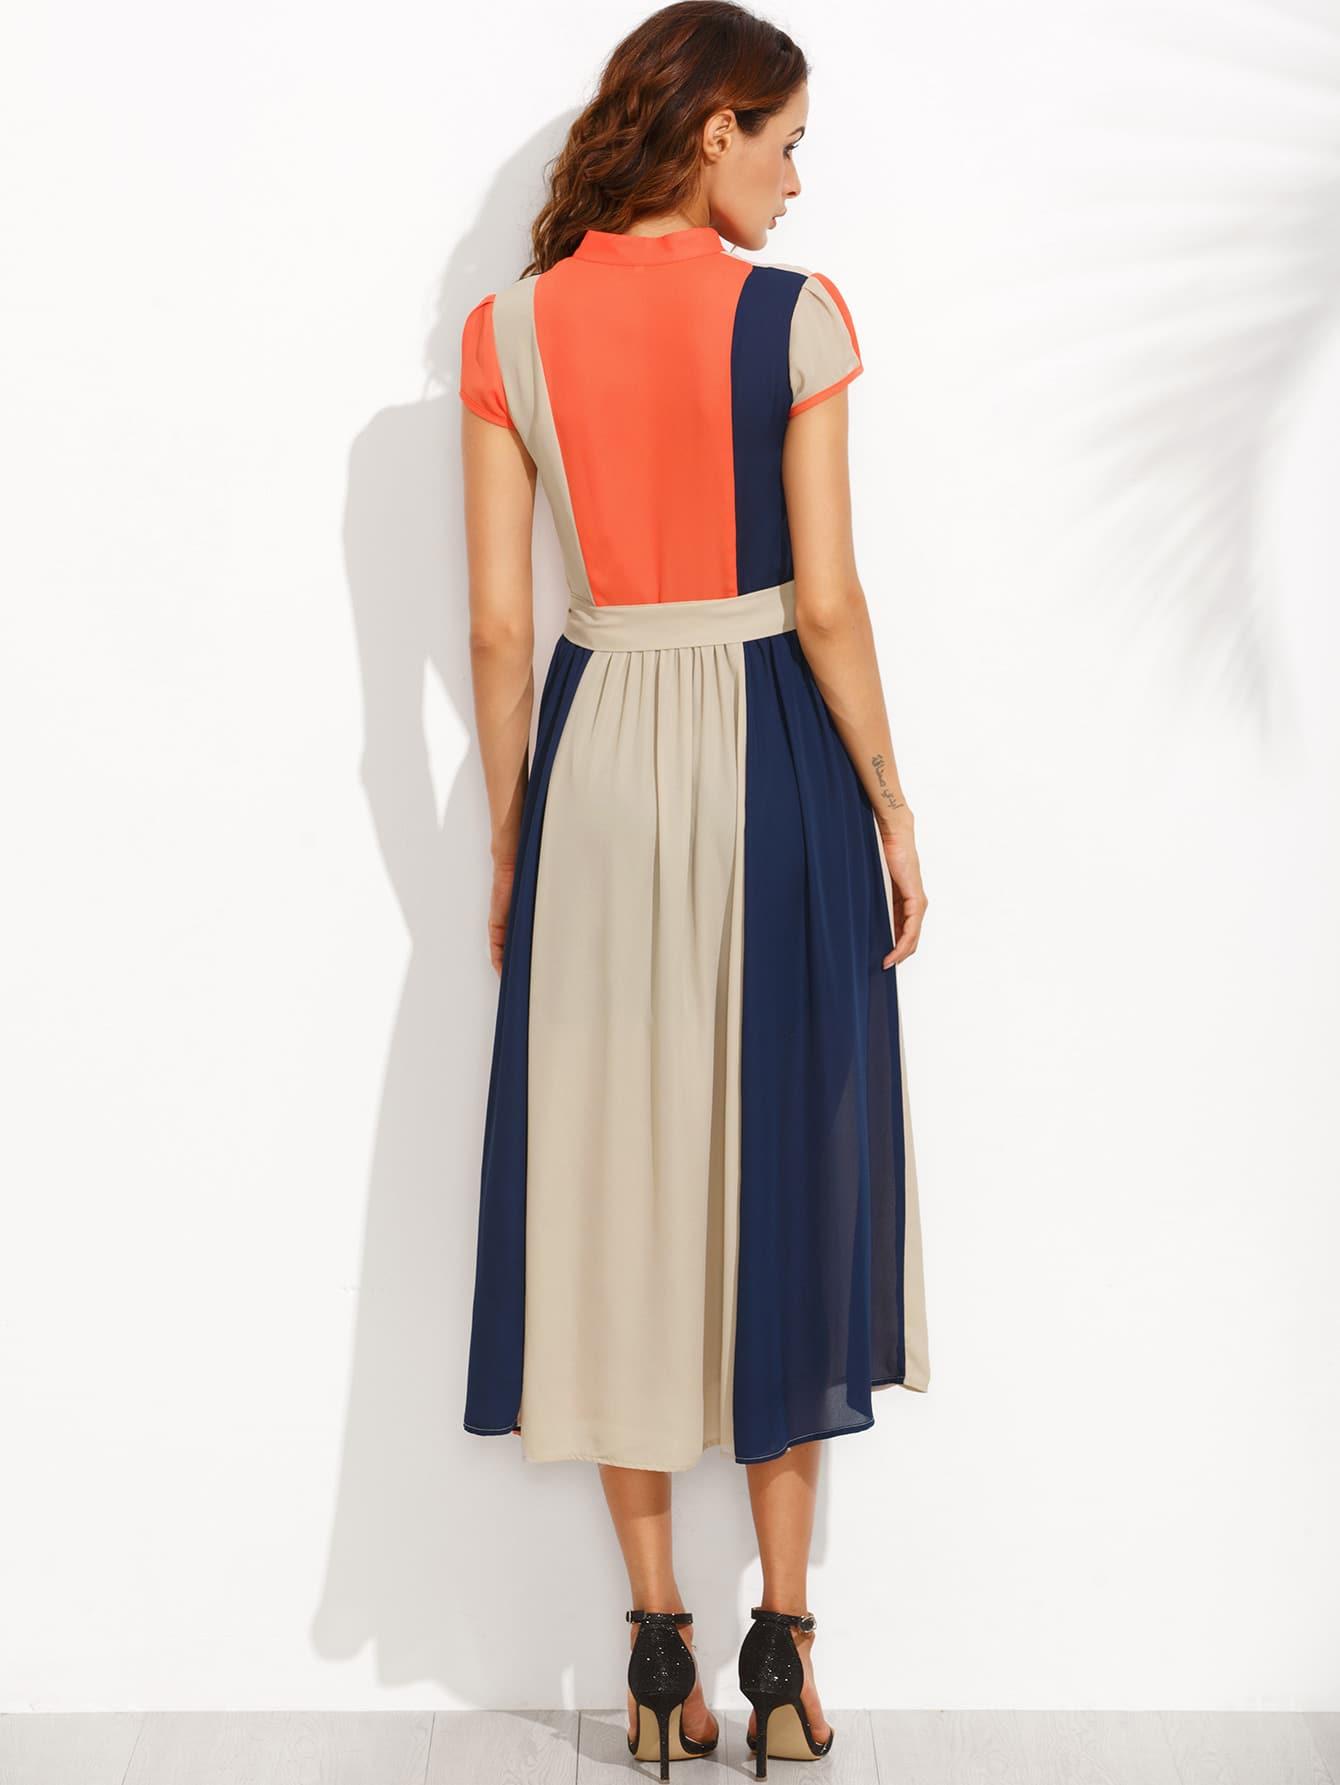 dress160809520_3